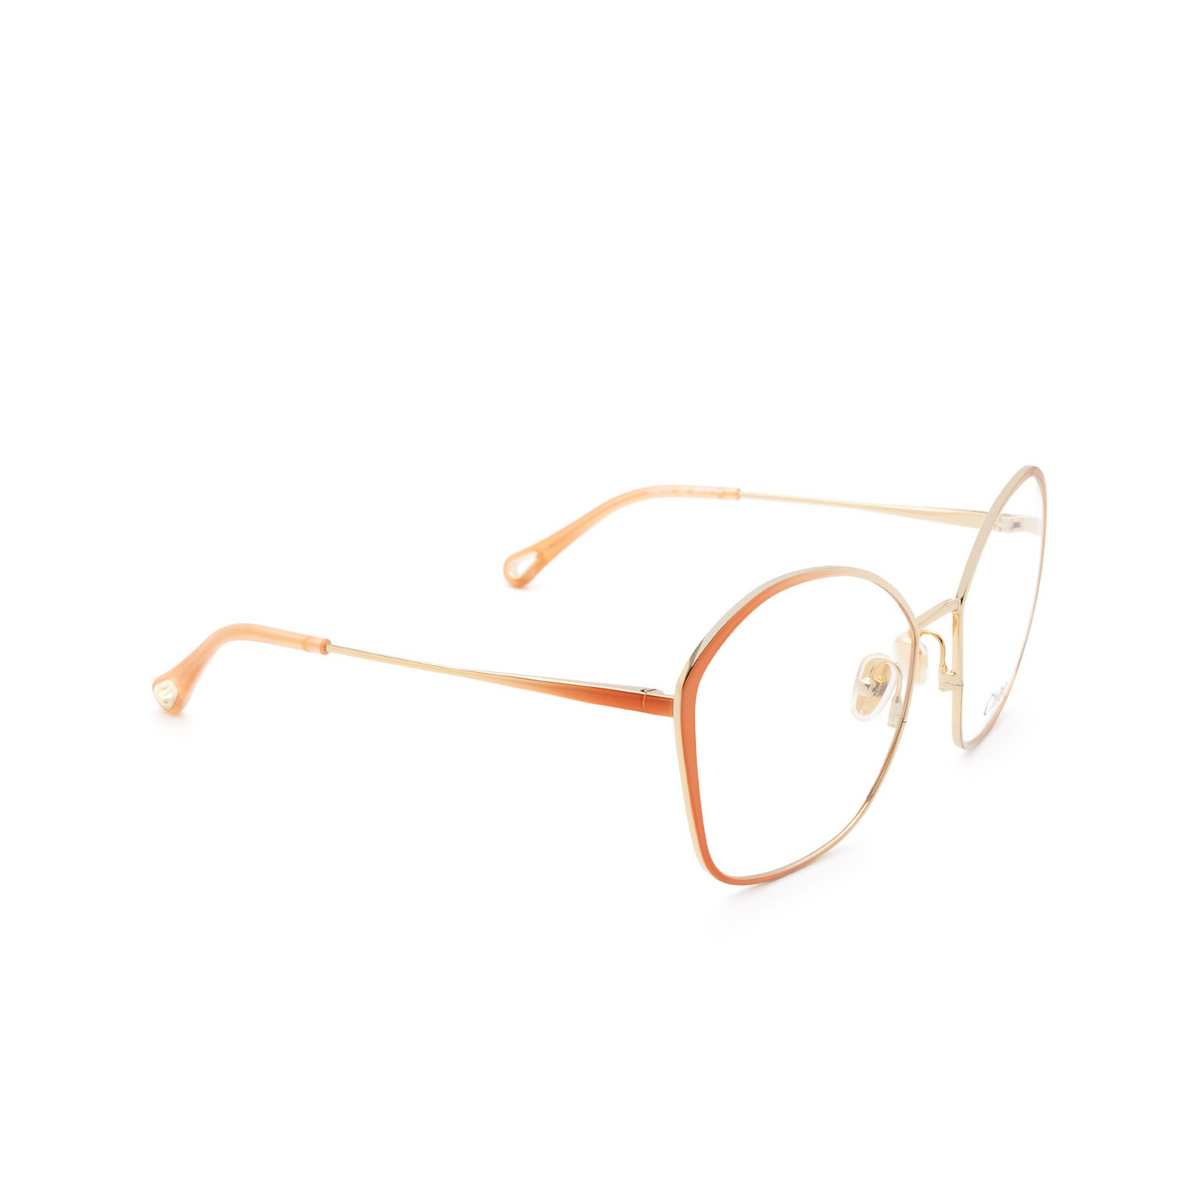 Chloé® Irregular Eyeglasses: CH0017O color Gold & Nude 003 - three-quarters view.